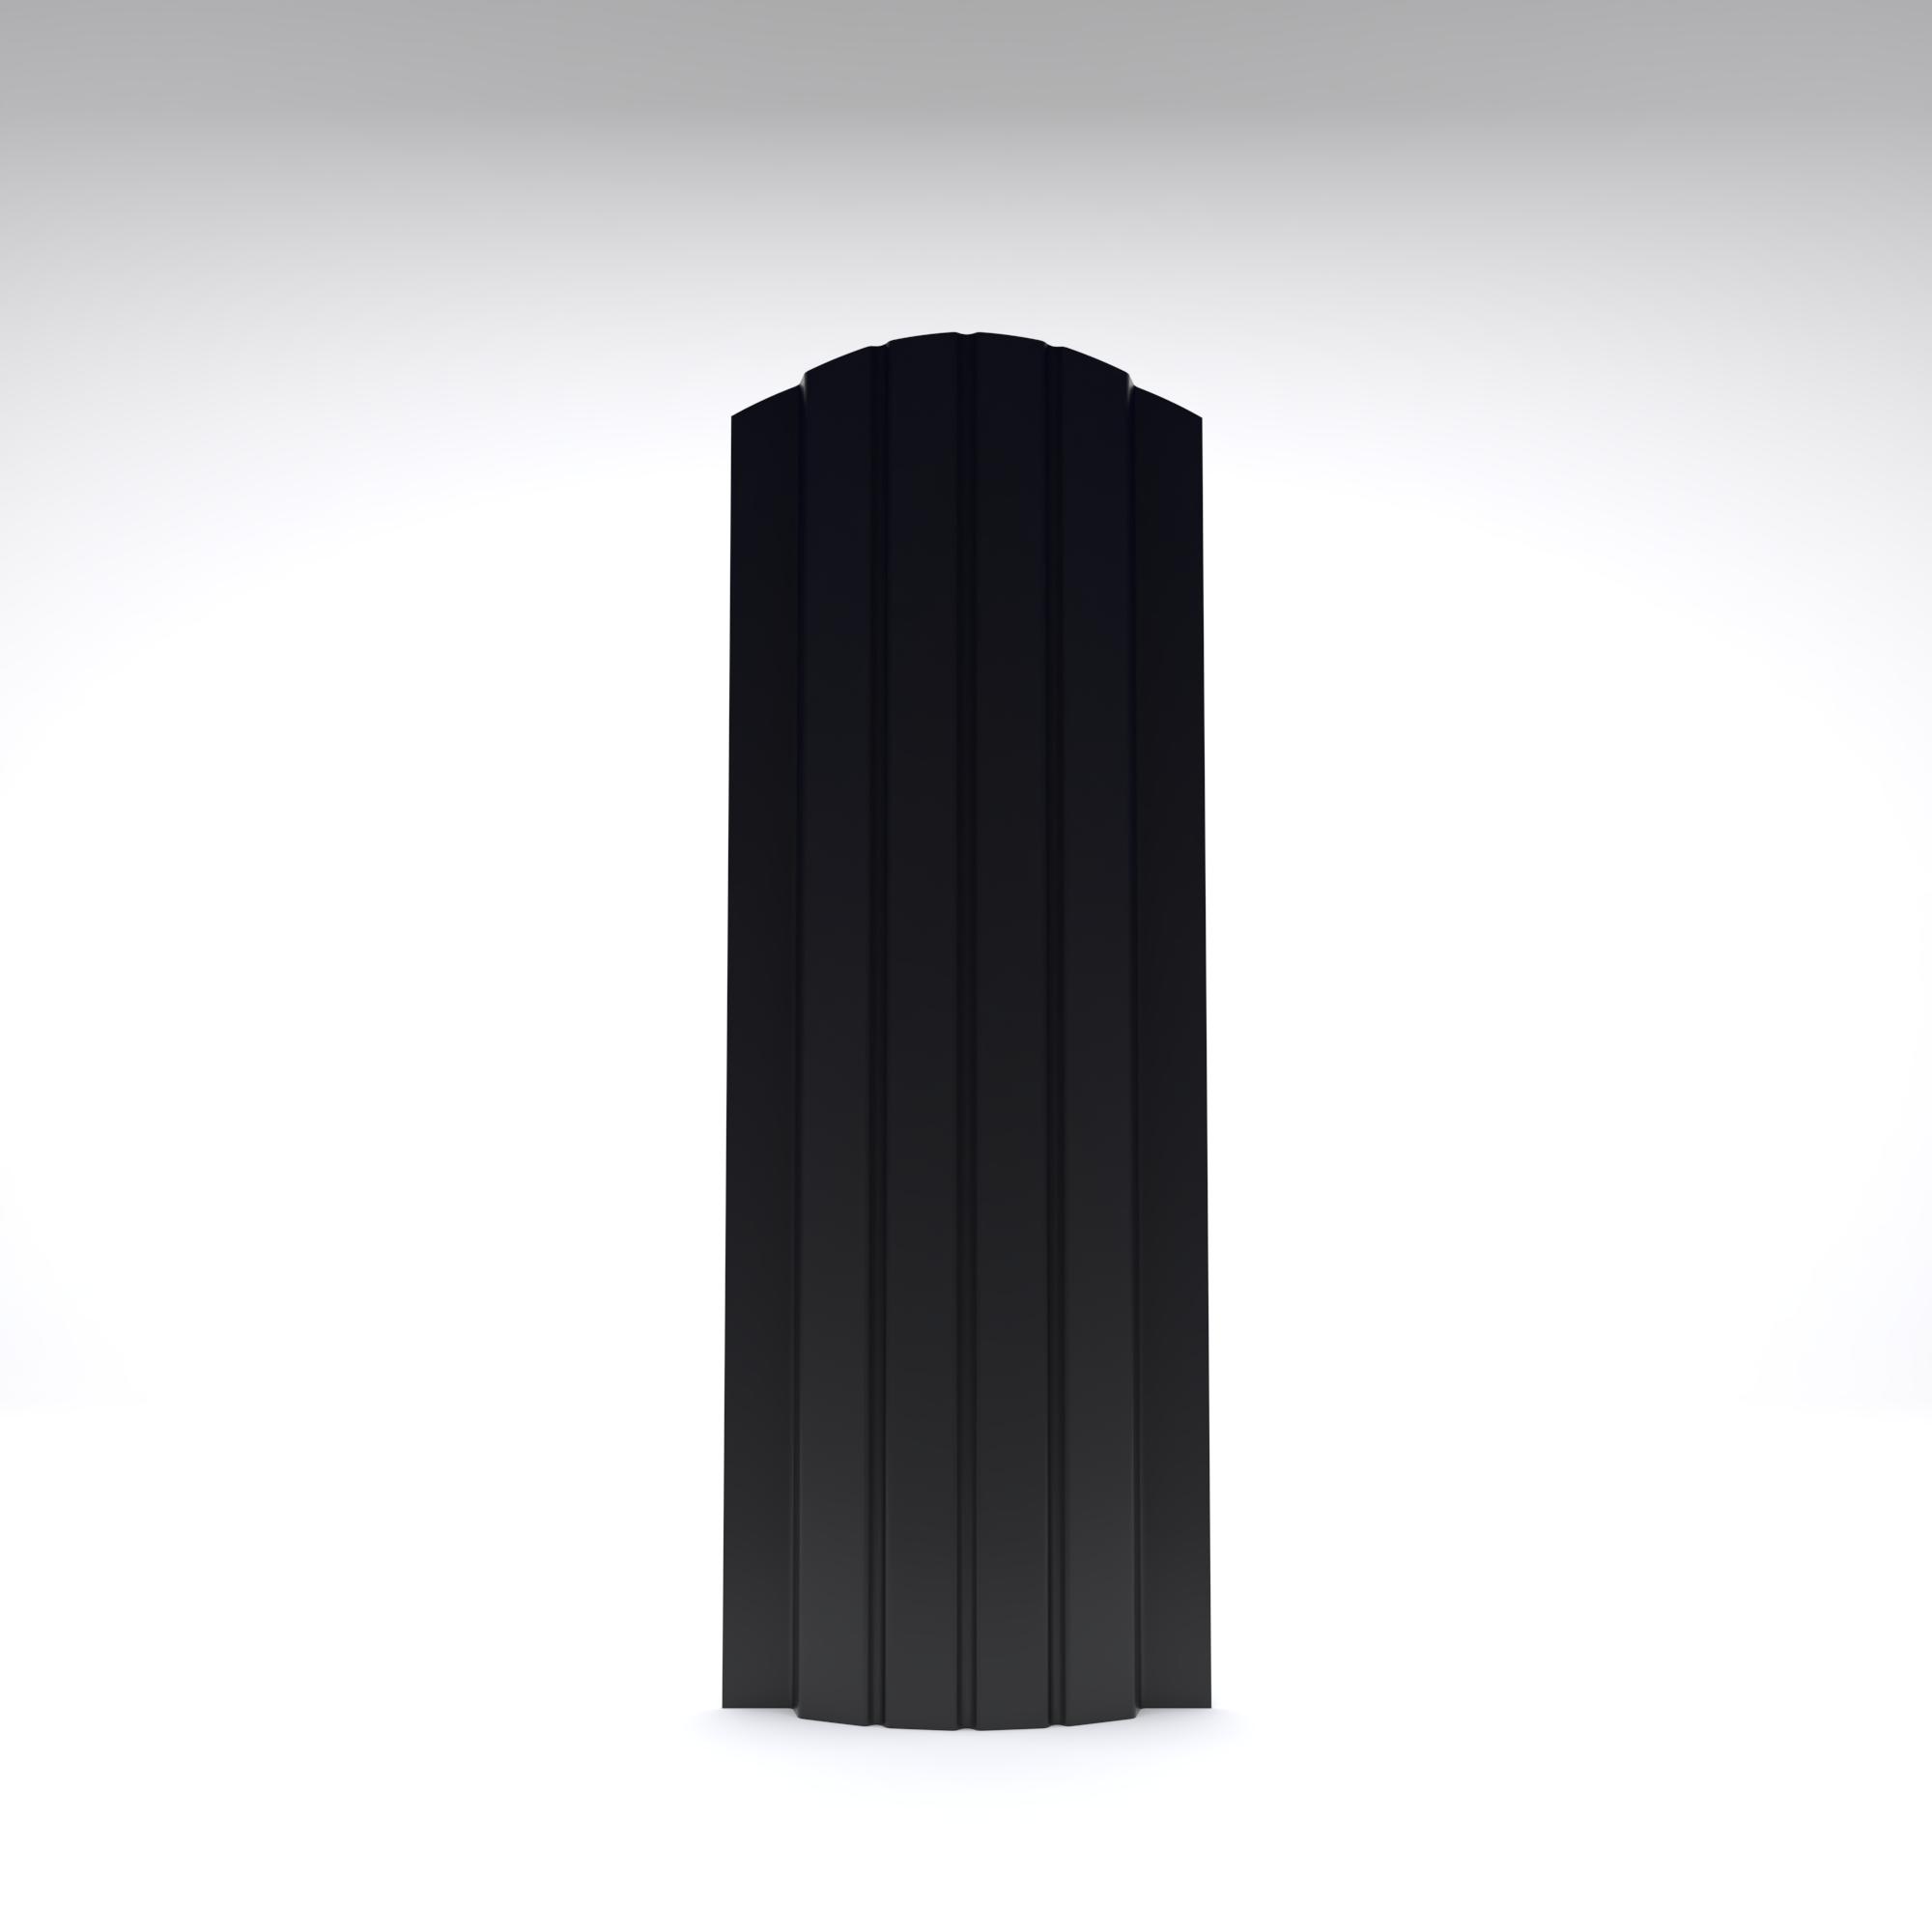 Штакетник Эллипс Стандарт (108*18) в Саратове - купить Штакетник Эллипс Стандарт (108*18) в Саратове прайс-лист цена 2021